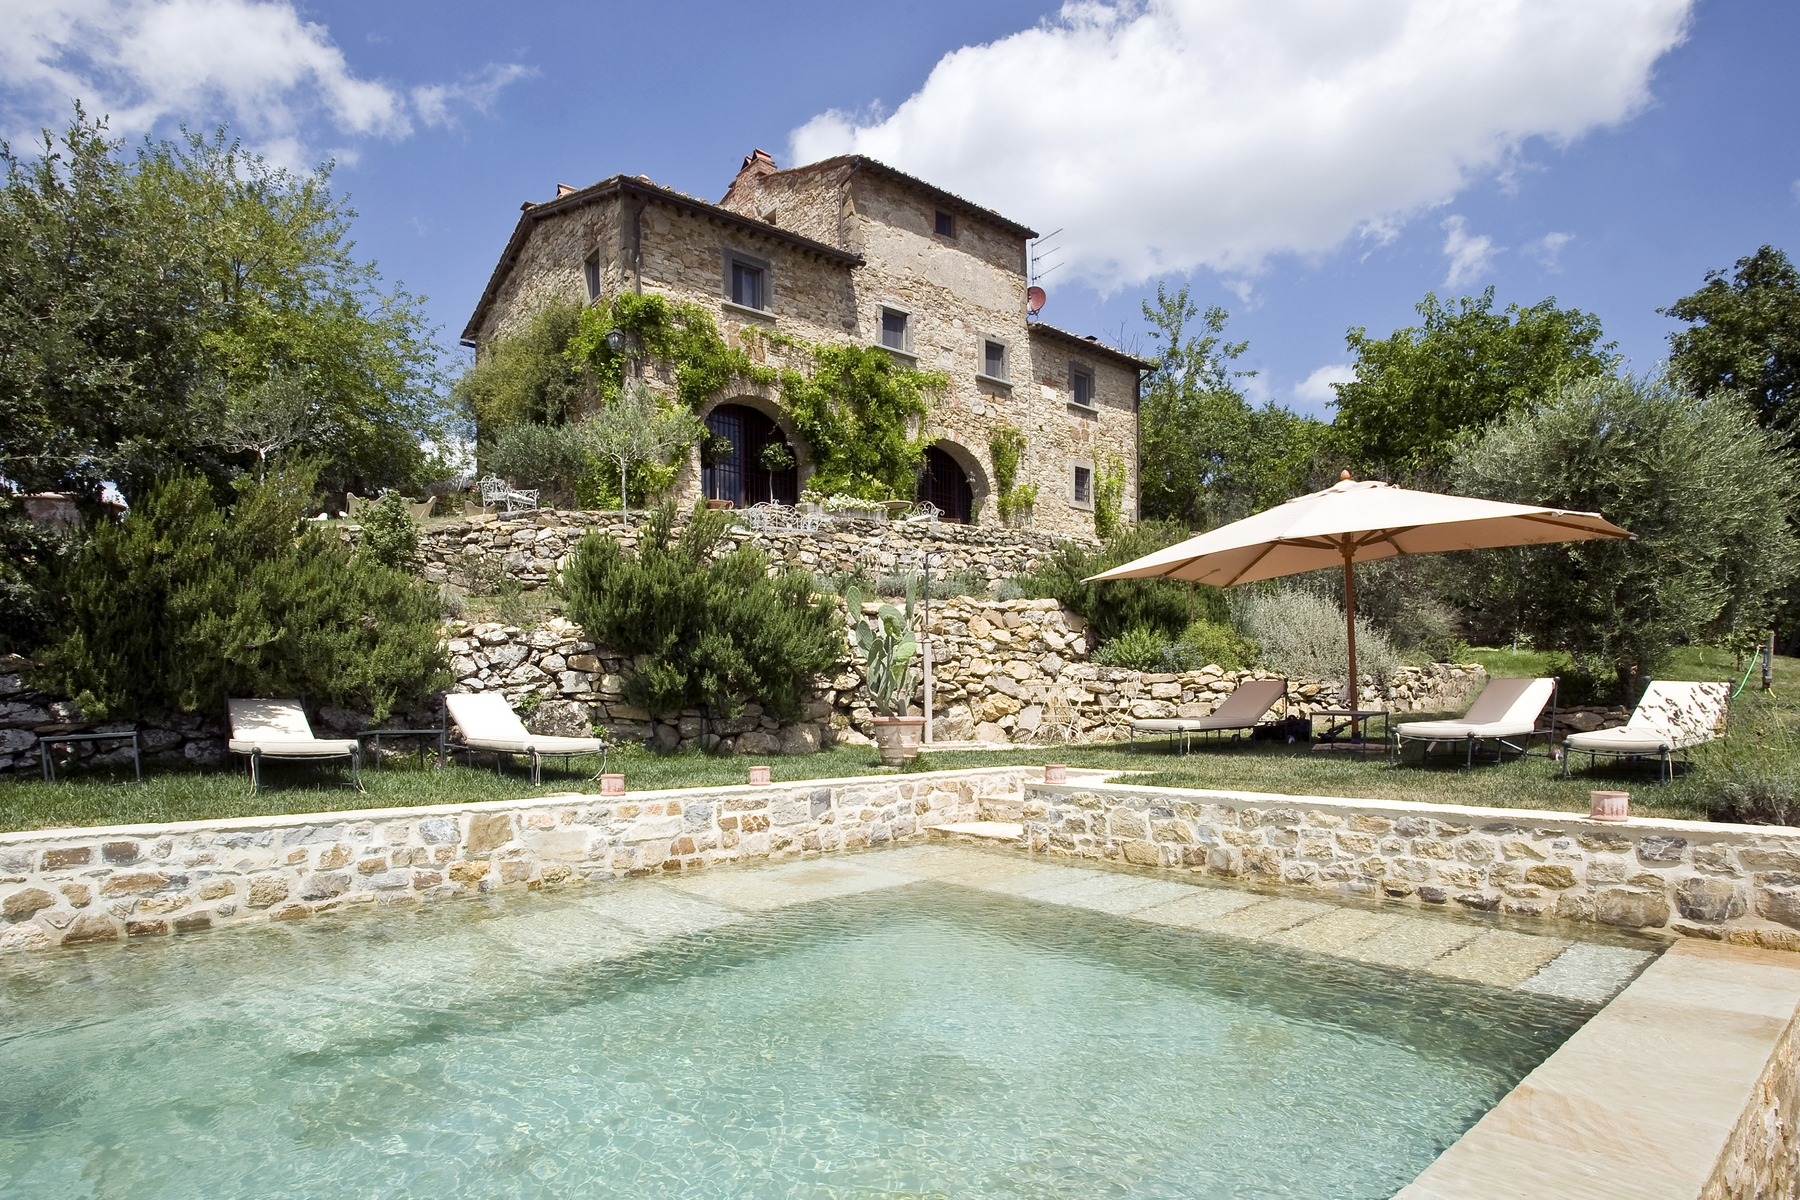 Villa in Vendita a Radda In Chianti: 5 locali, 420 mq - Foto 2